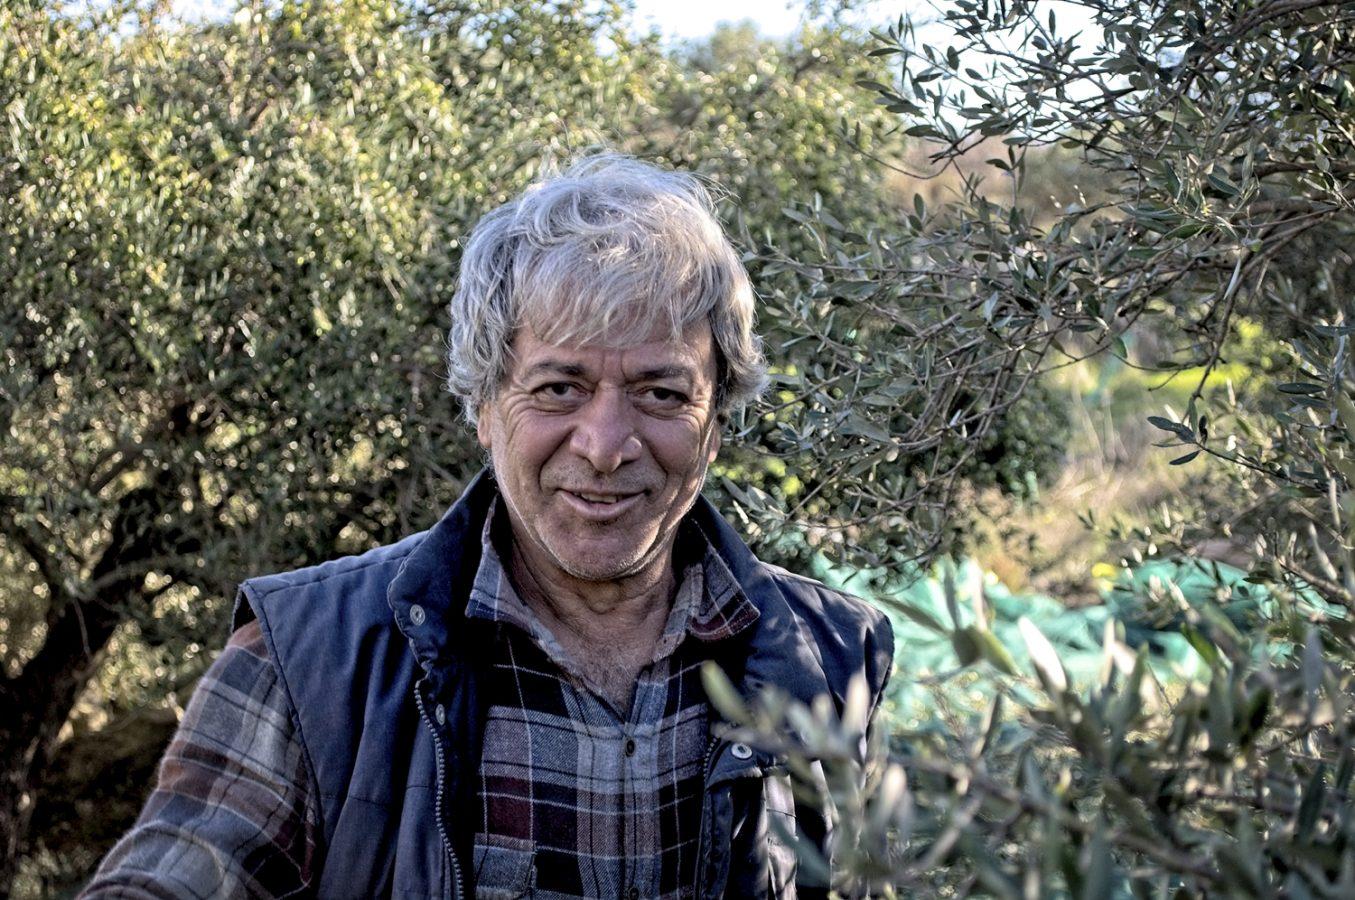 Manolis Kanakis